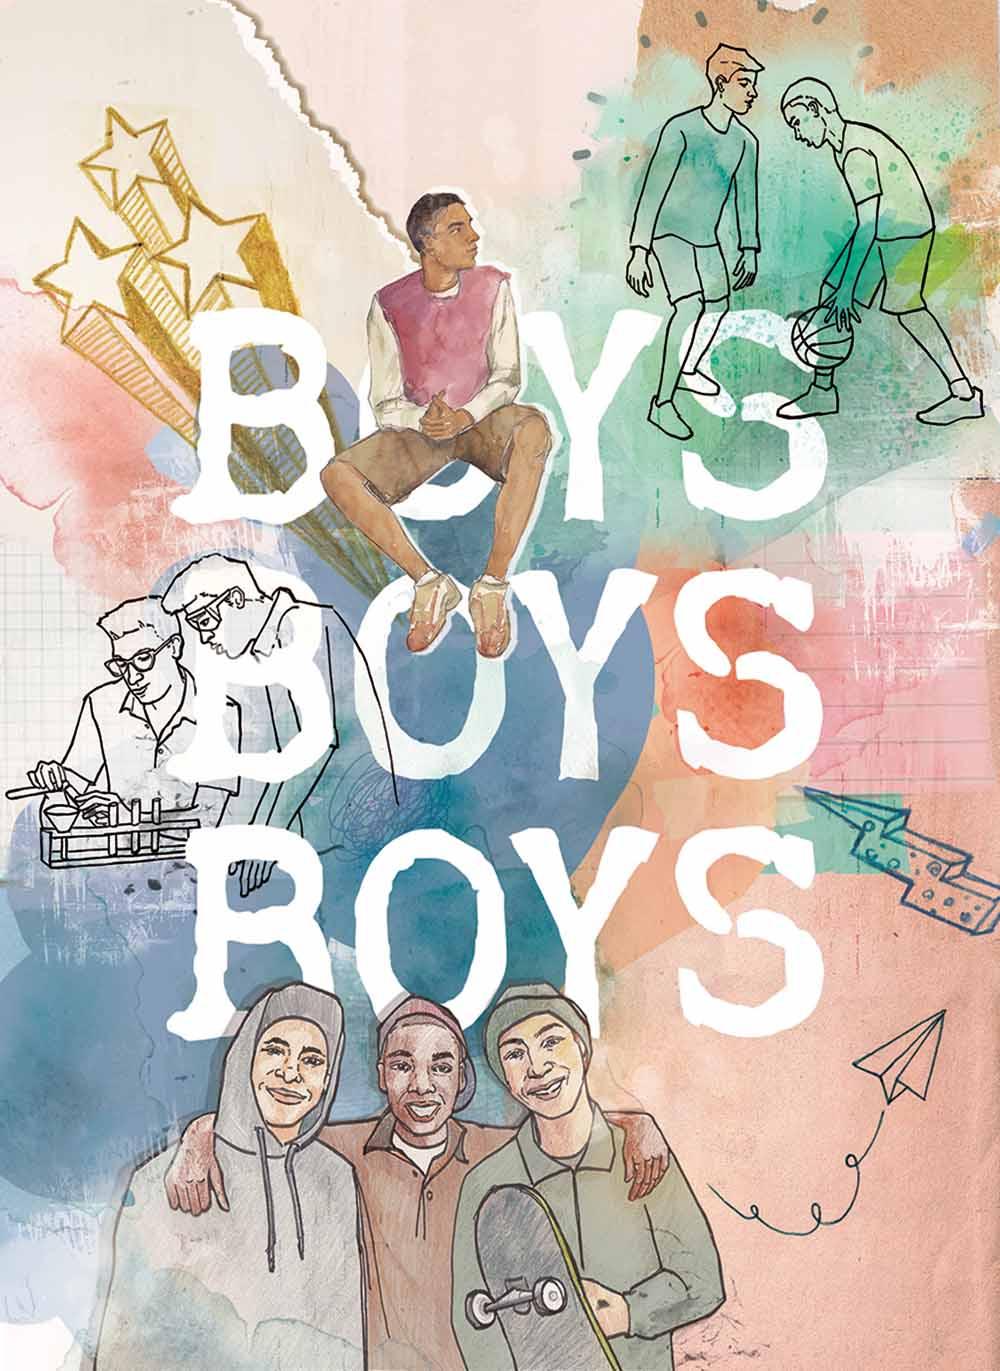 Boys Boys Boys - JK392